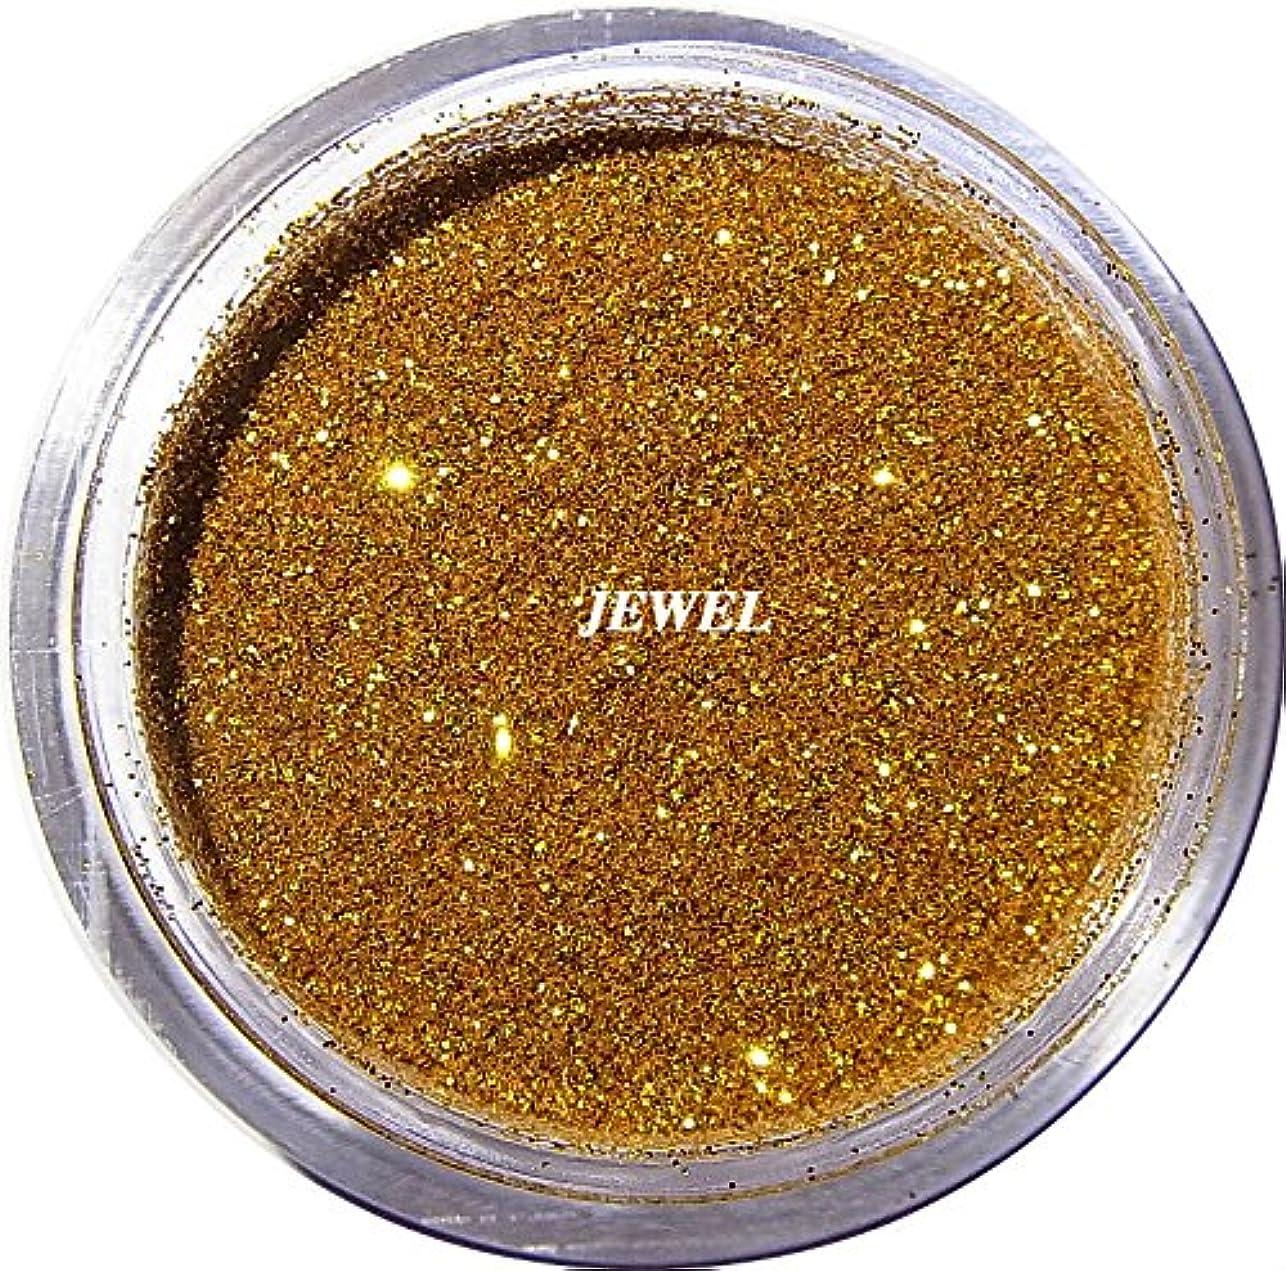 水族館マイクロプロセッサ海藻【jewel】 超微粒子ラメパウダー(金/ゴールド) 256/1サイズ 2g入り レジン&ネイル用 グリッター